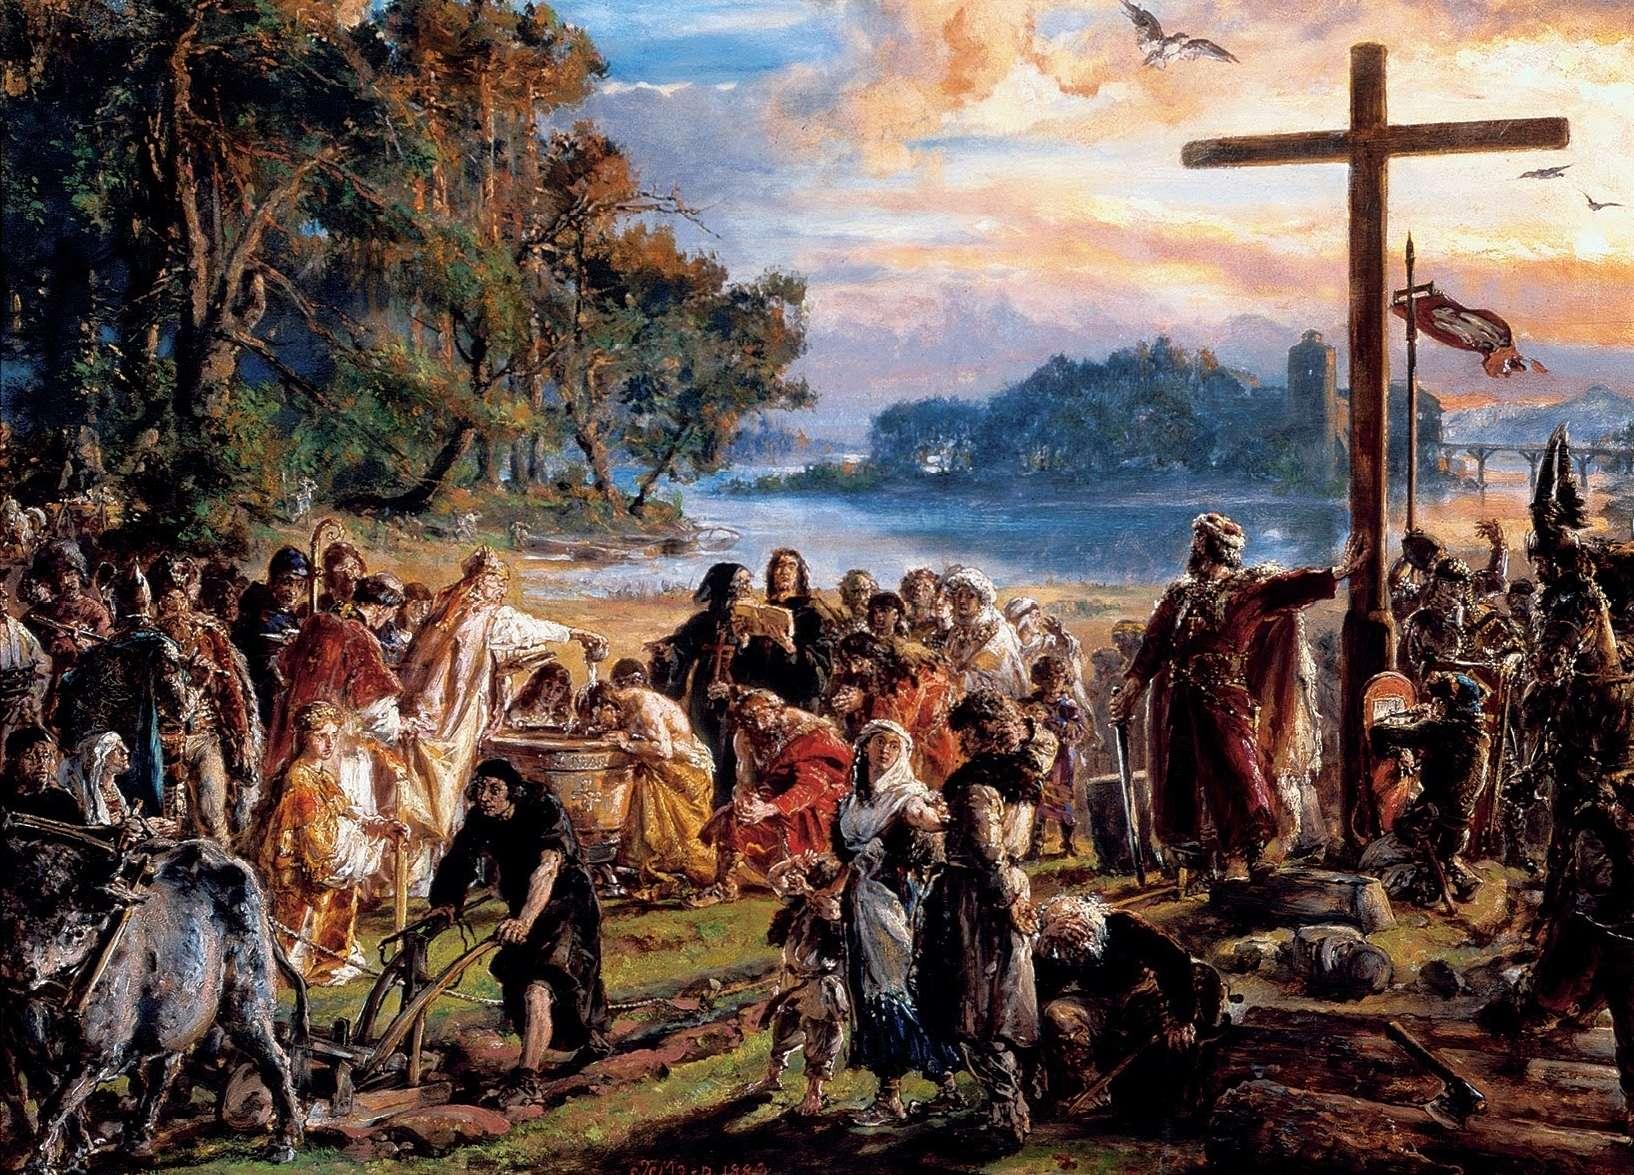 Γιαν Ματέικο (Jan Matejko, 1838 – 1893) Ο εκχριστιανισμός της Πολωνίας το 965 μ.Χ. (1889)